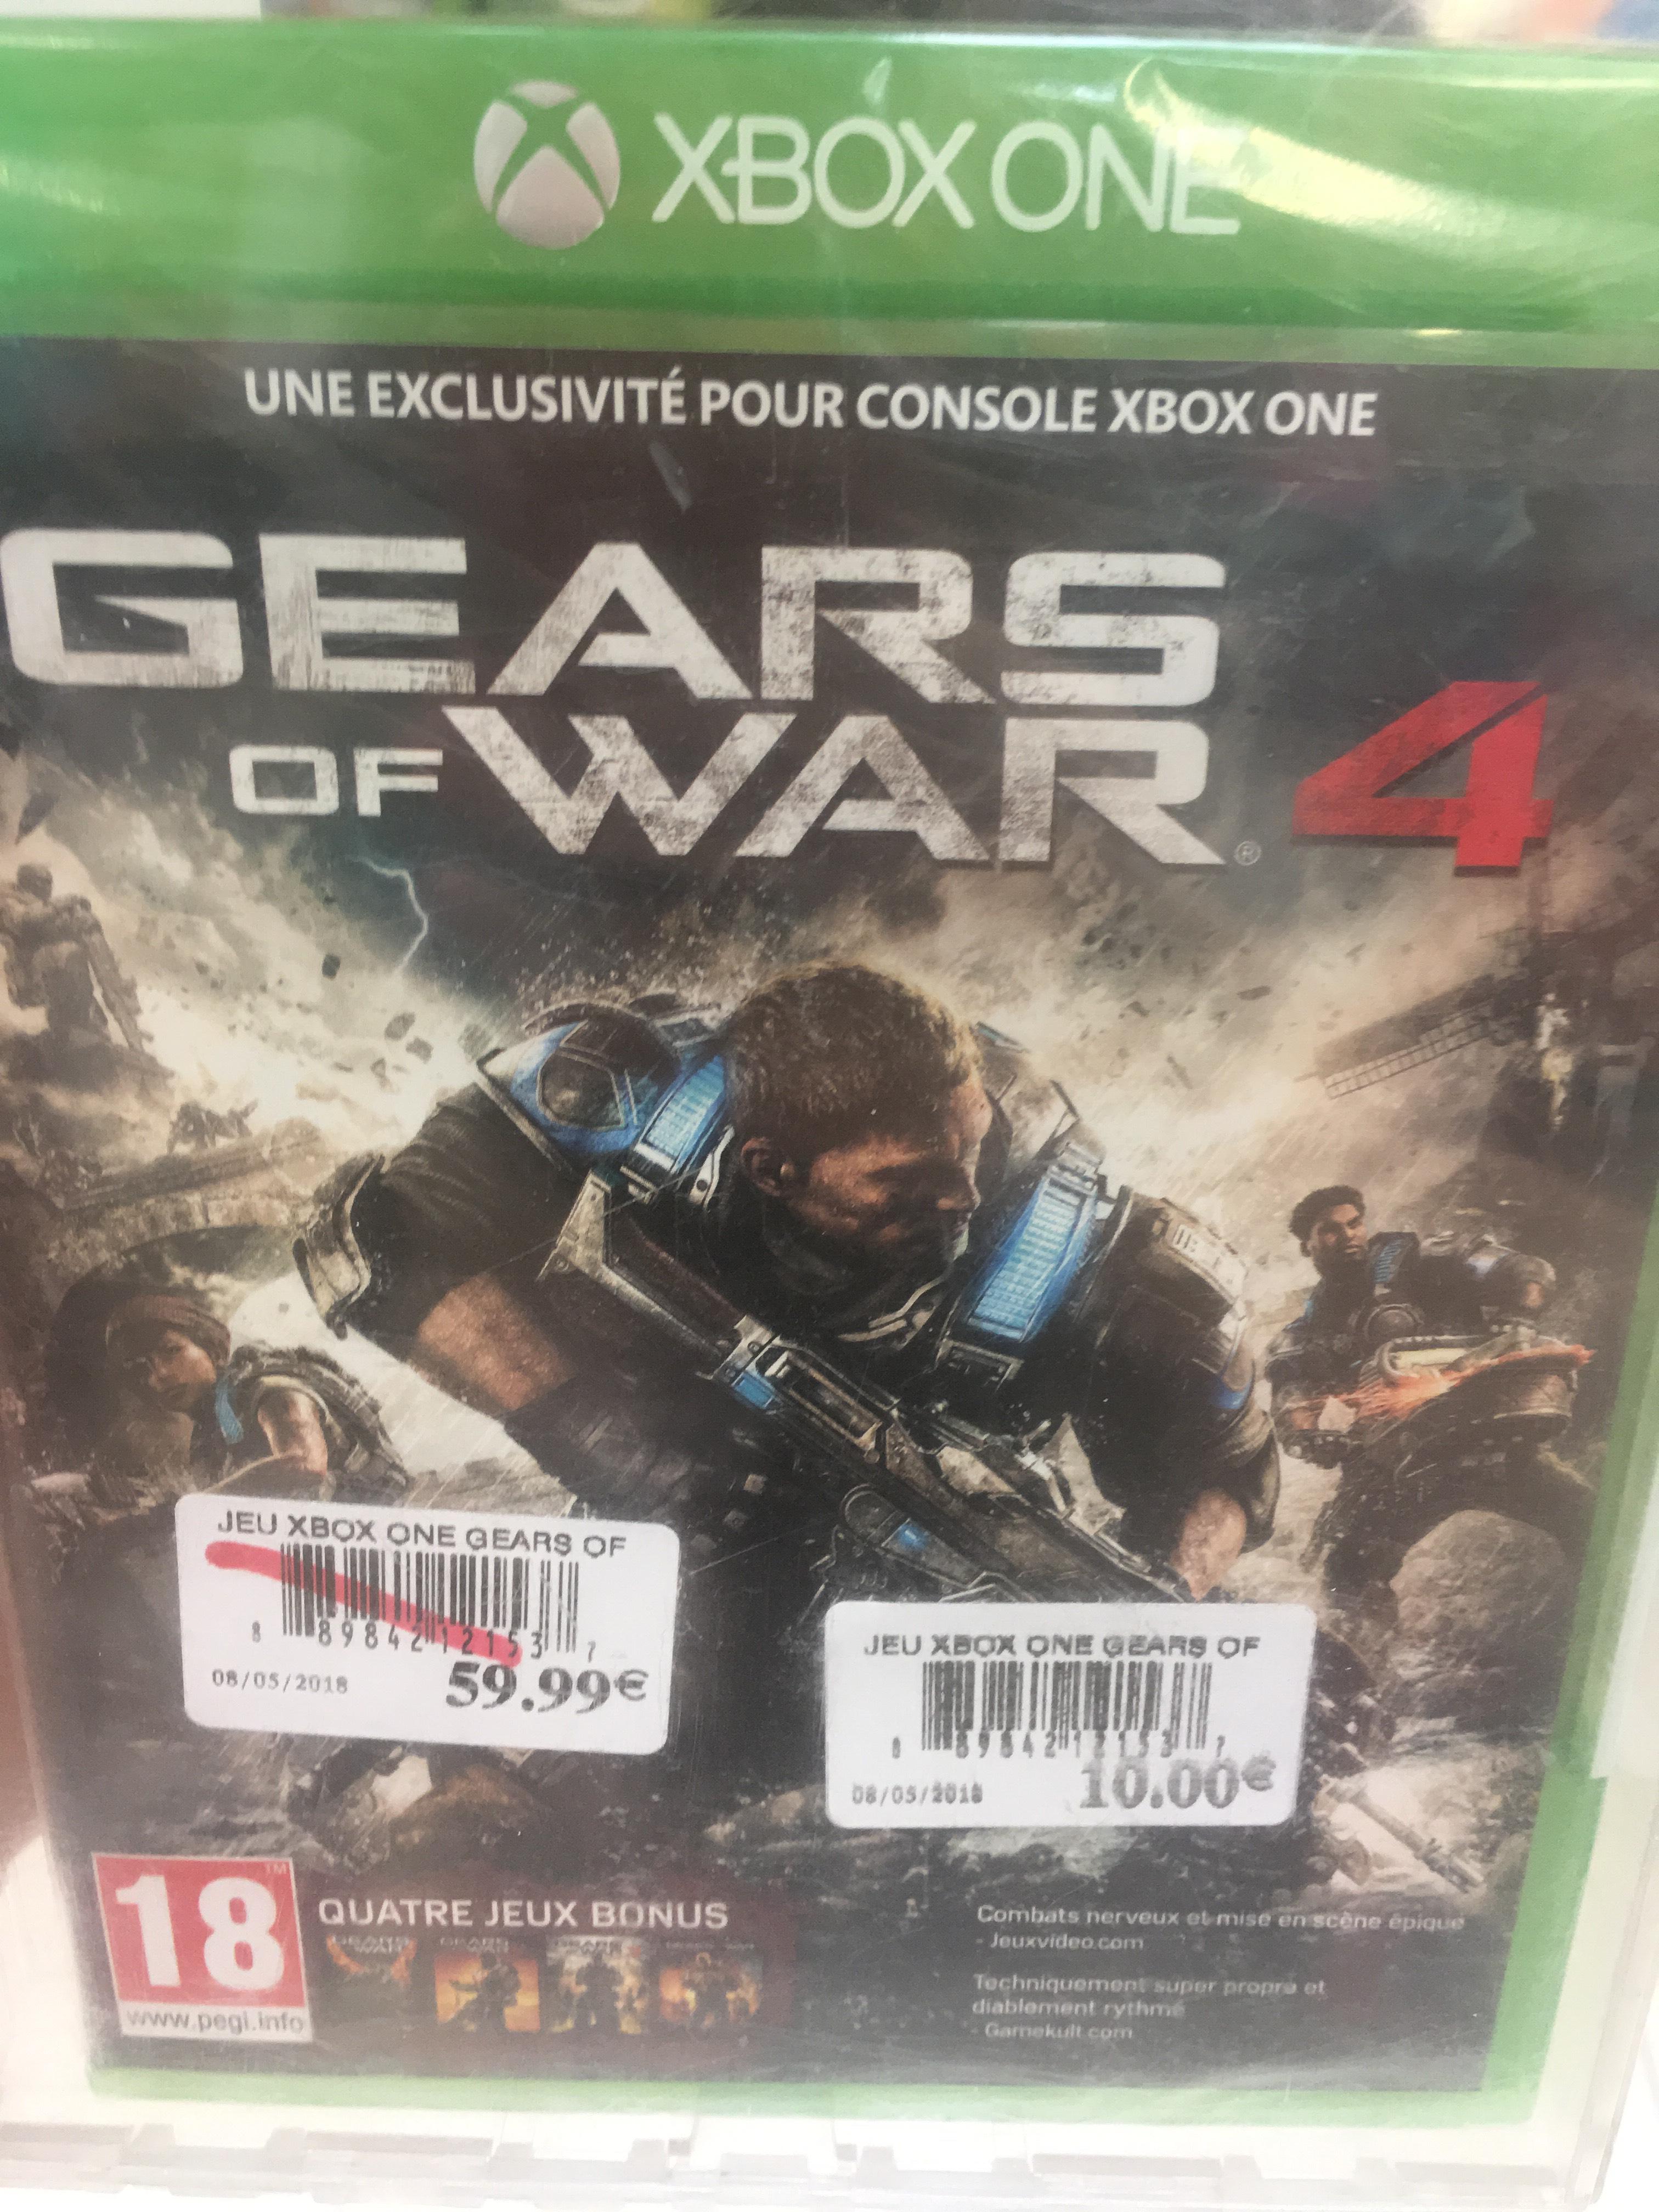 Sélection de jeux en promotion - Ex : Gears of War 4 sur Xbox One - Soissons (02)